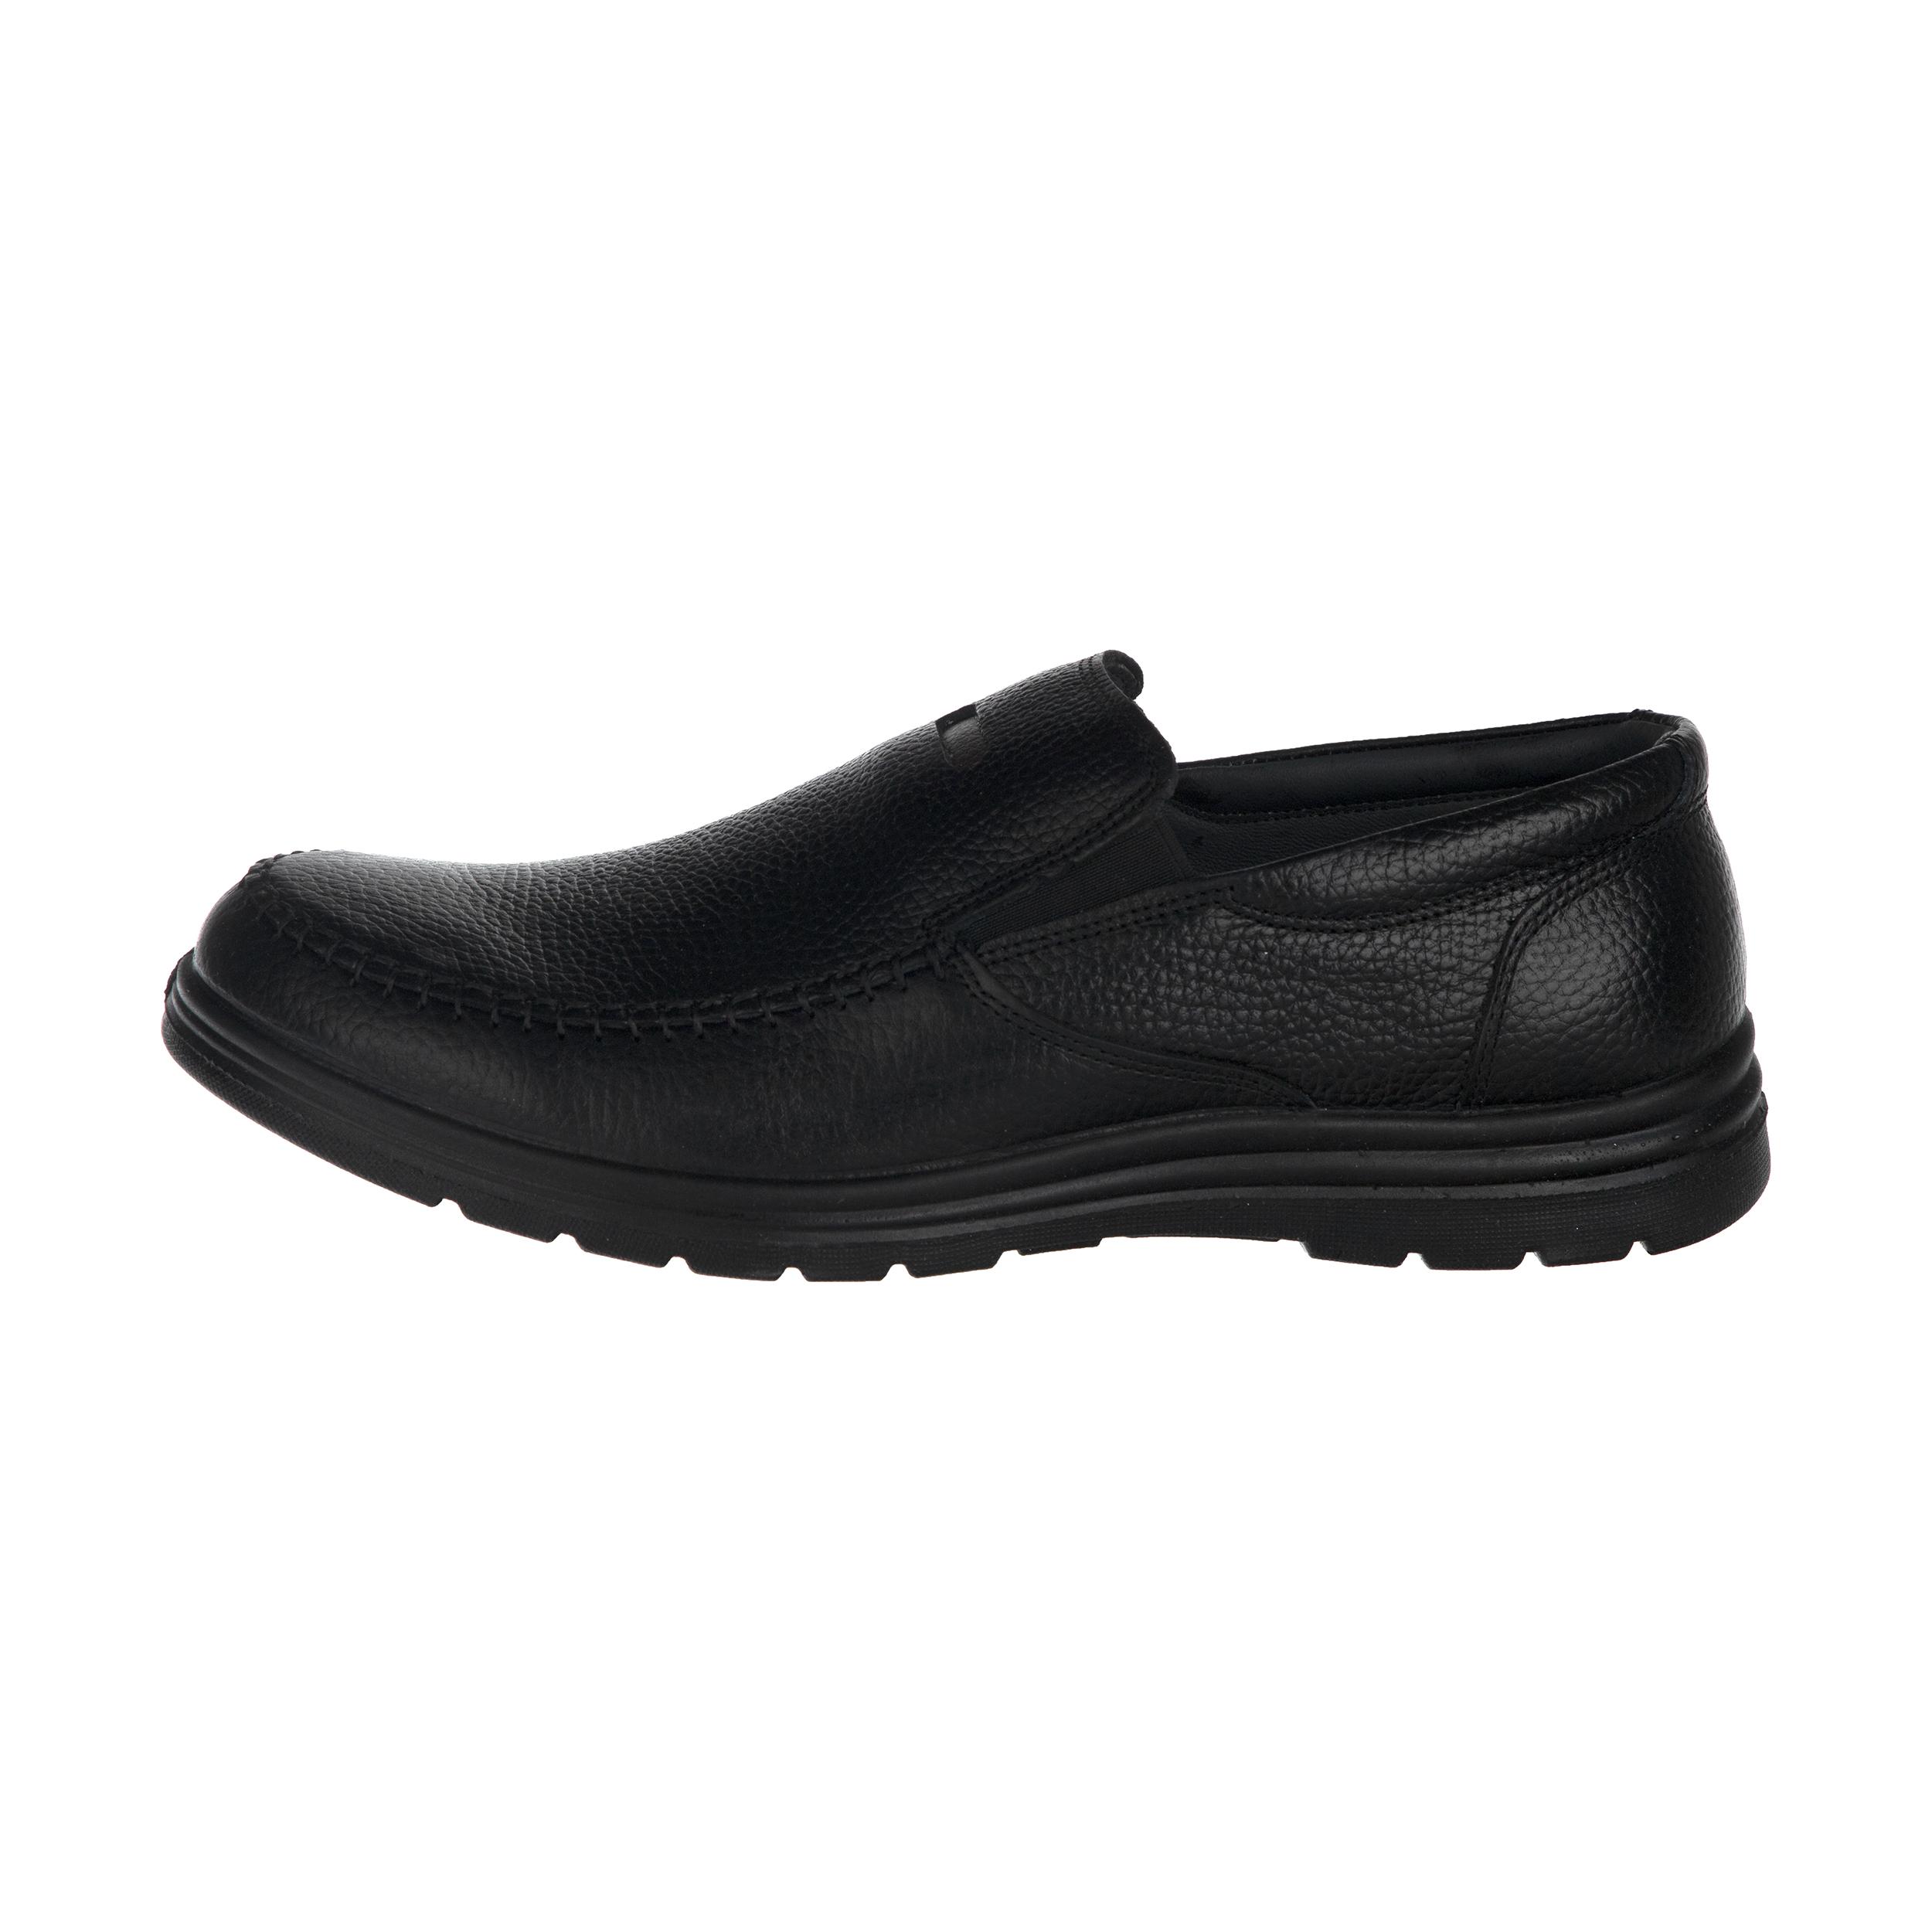 کفش روزمره مردانه بلوط مدل 7291A503101 -  - 2